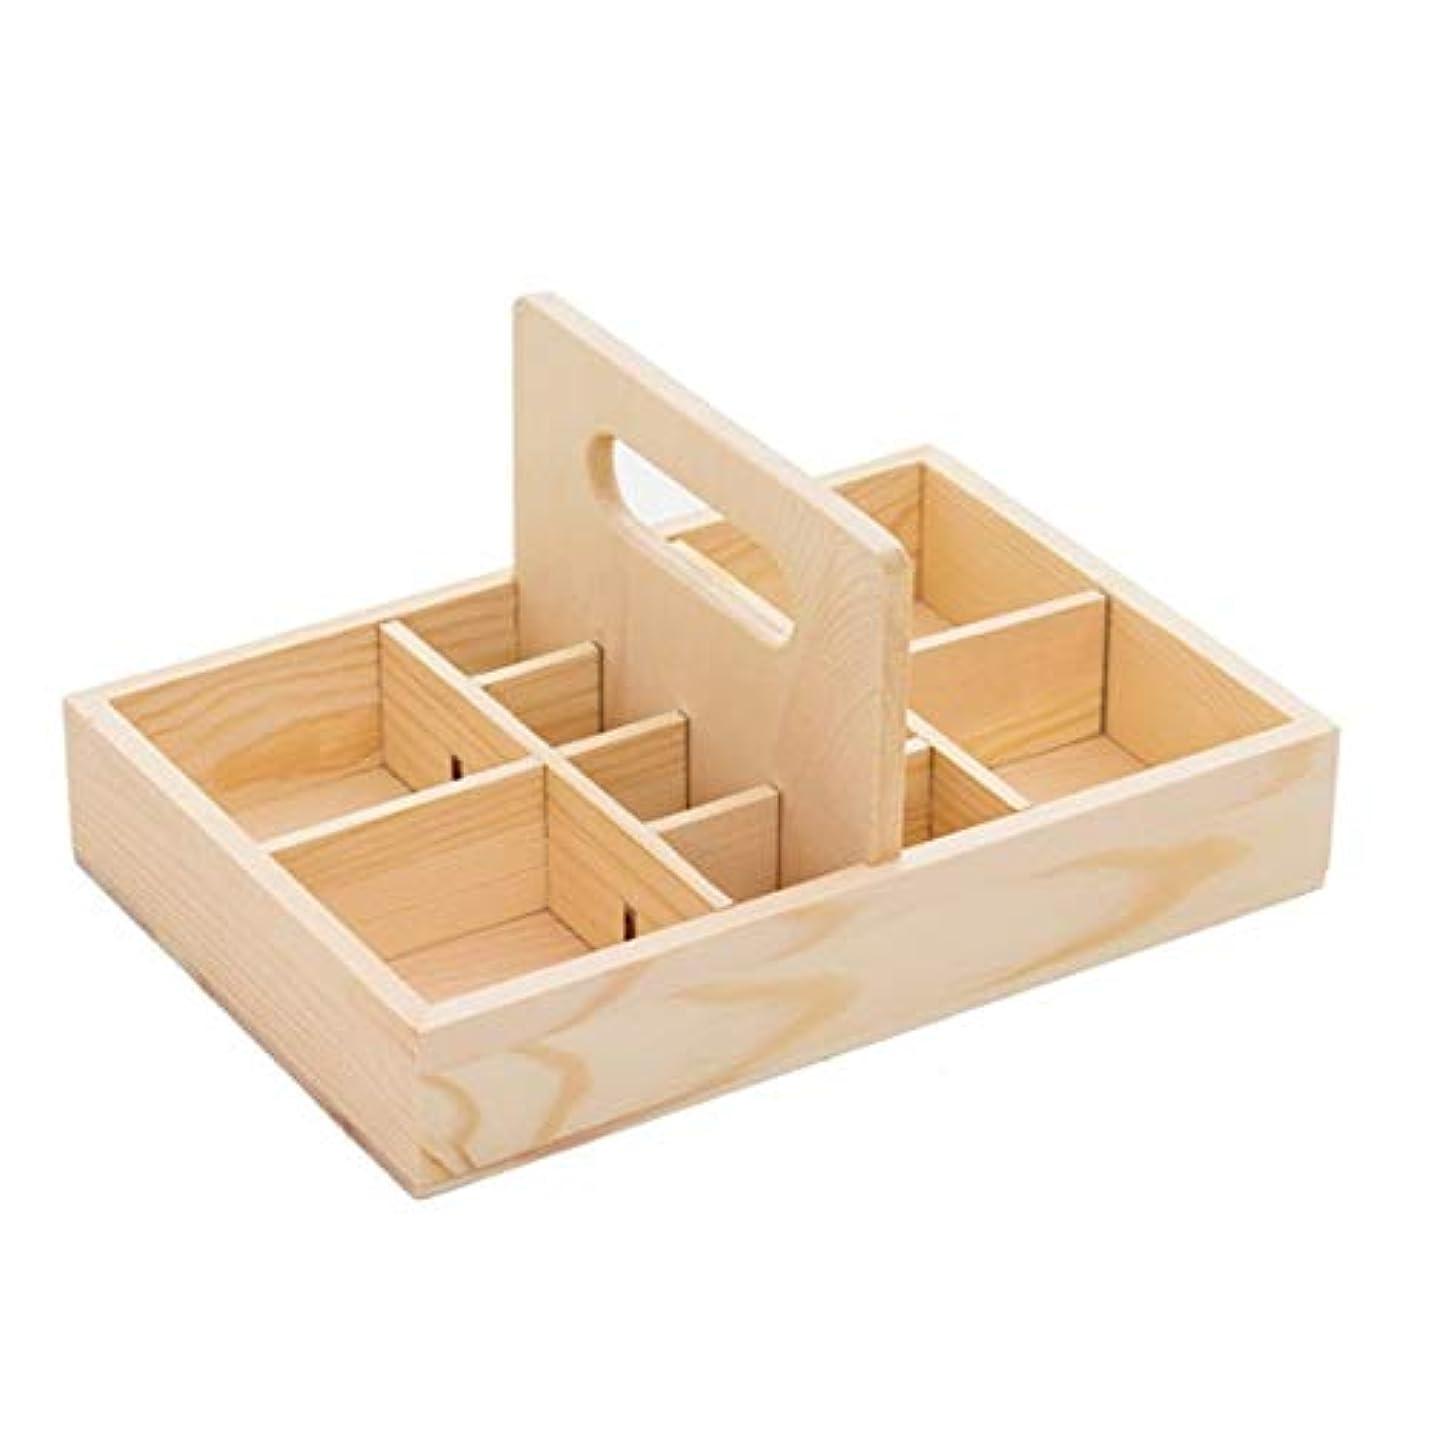 捧げる食料品店やろうキャリー付きエッセンシャルオイルストレージボックスオーガナイザーは木製オイルケースホルダーをハンドル アロマセラピー製品 (色 : Natural, サイズ : 22X15X4.2CM)